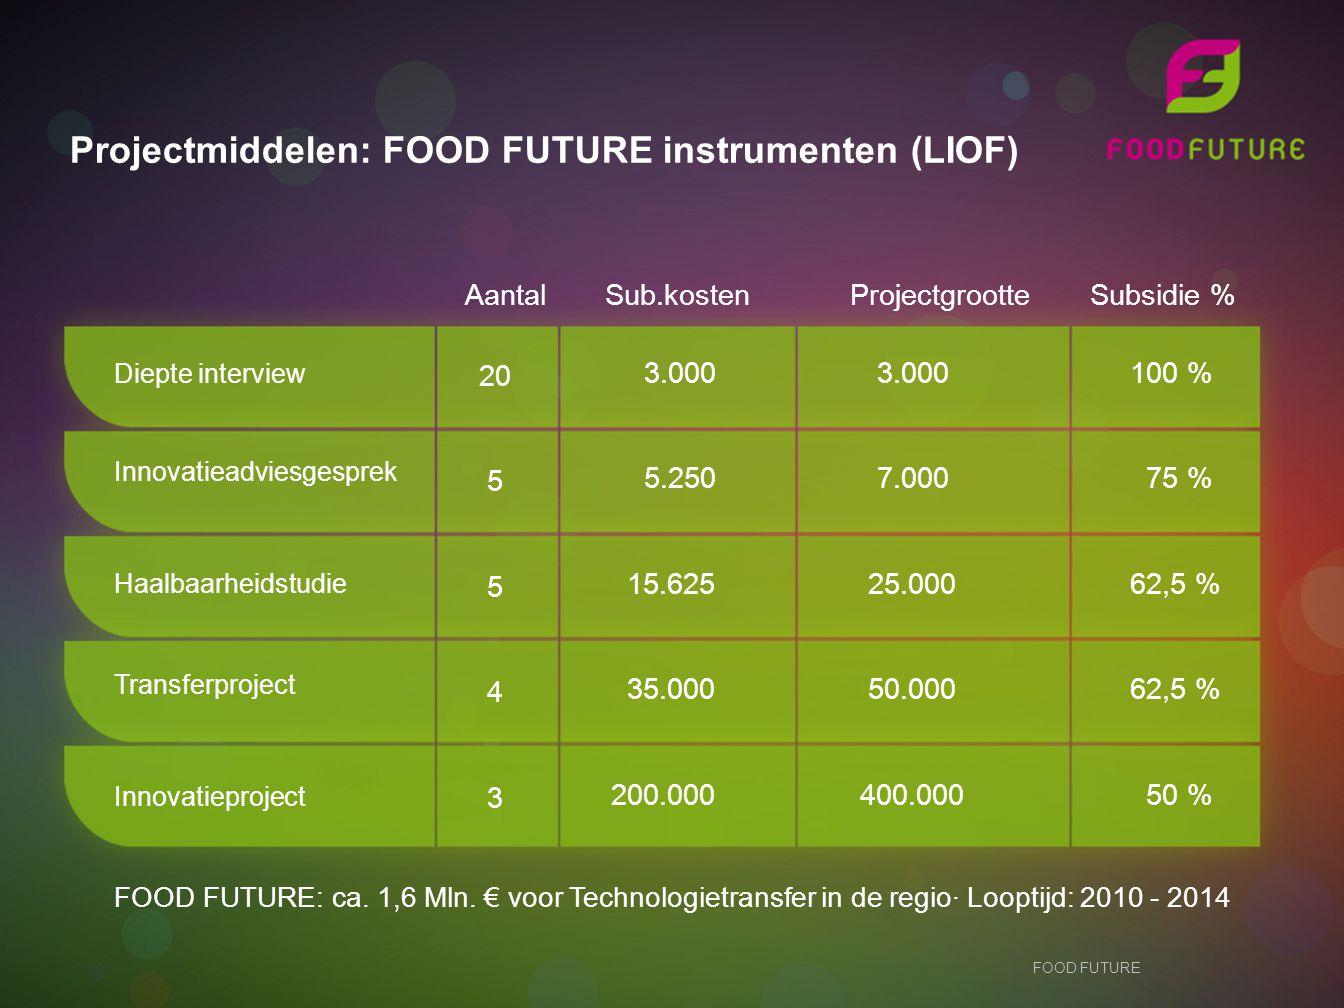 Projectmiddelen: FOOD FUTURE instrumenten (LIOF) Diepte interview 20 5 5 4 3 3.000 5.250 15.625 35.000 200.000 3.000 7.000 25.000 50.000 400.000 100 %